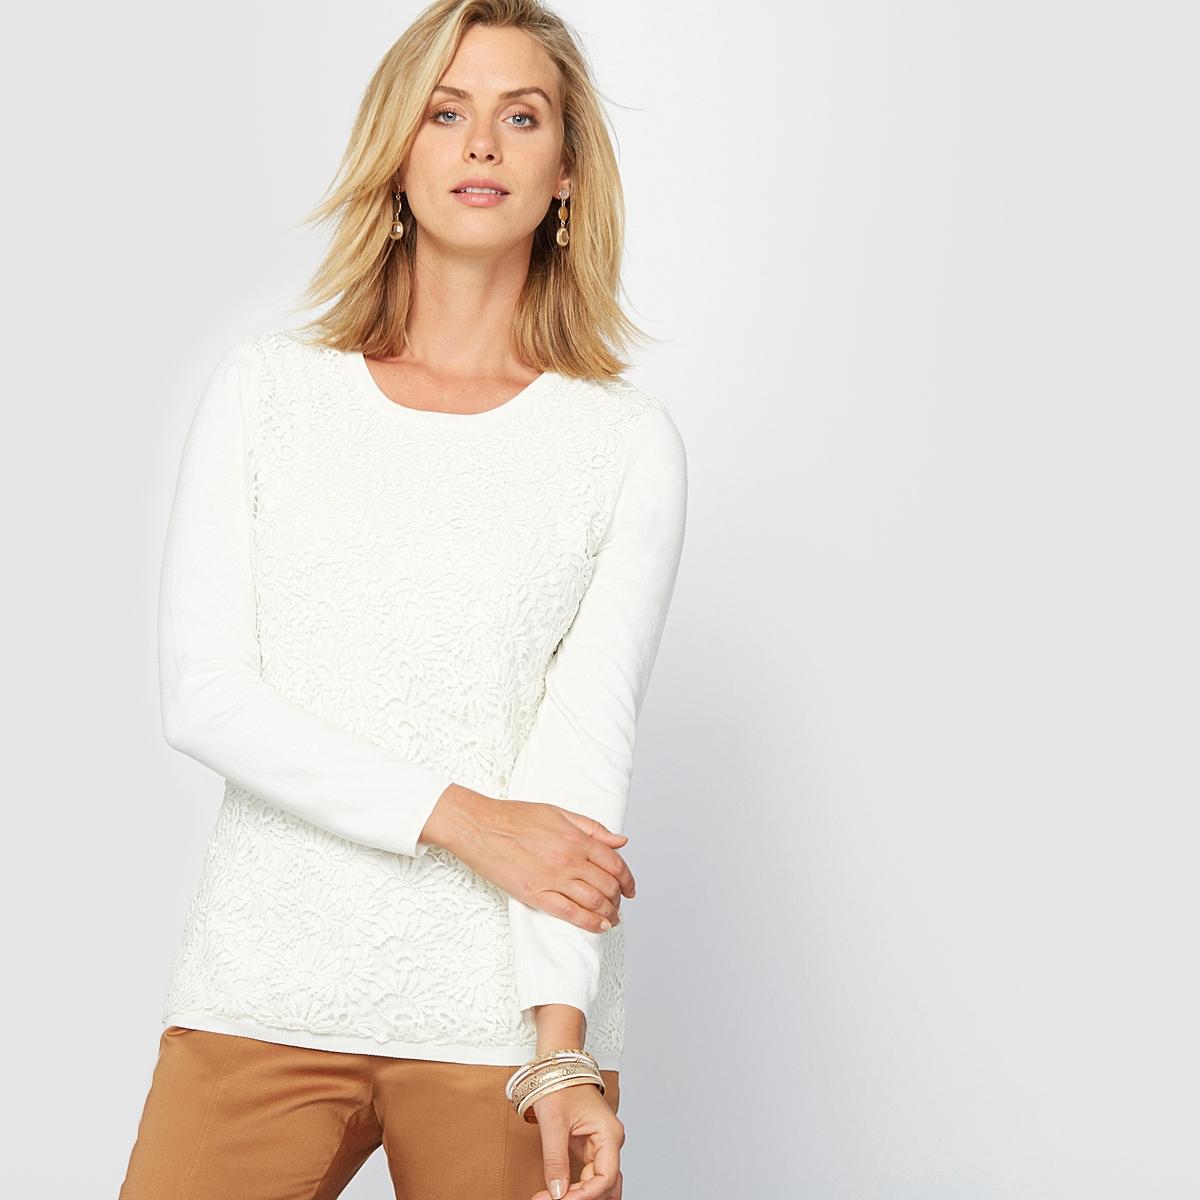 Пуловер гипюровыйОригинальный и очень элегантный пуловер. Круглый вырез. Аппликация из нежного гипюра спереди. Края связаны в рубчик . Приспущенные плечевые швы. Длинные рукава.Состав и описание :Материал : красивый трикотаж джерси, 80% вискозы, 20% полиамида. Длина: 62 см.Марка : Anne WeyburnУход :Машинная стирка при 30° на умеренном режиме с изнанки .Гладить на низкой температуре с изнанки.<br><br>Цвет: экрю<br>Размер: 46/48 (FR) - 52/54 (RUS)